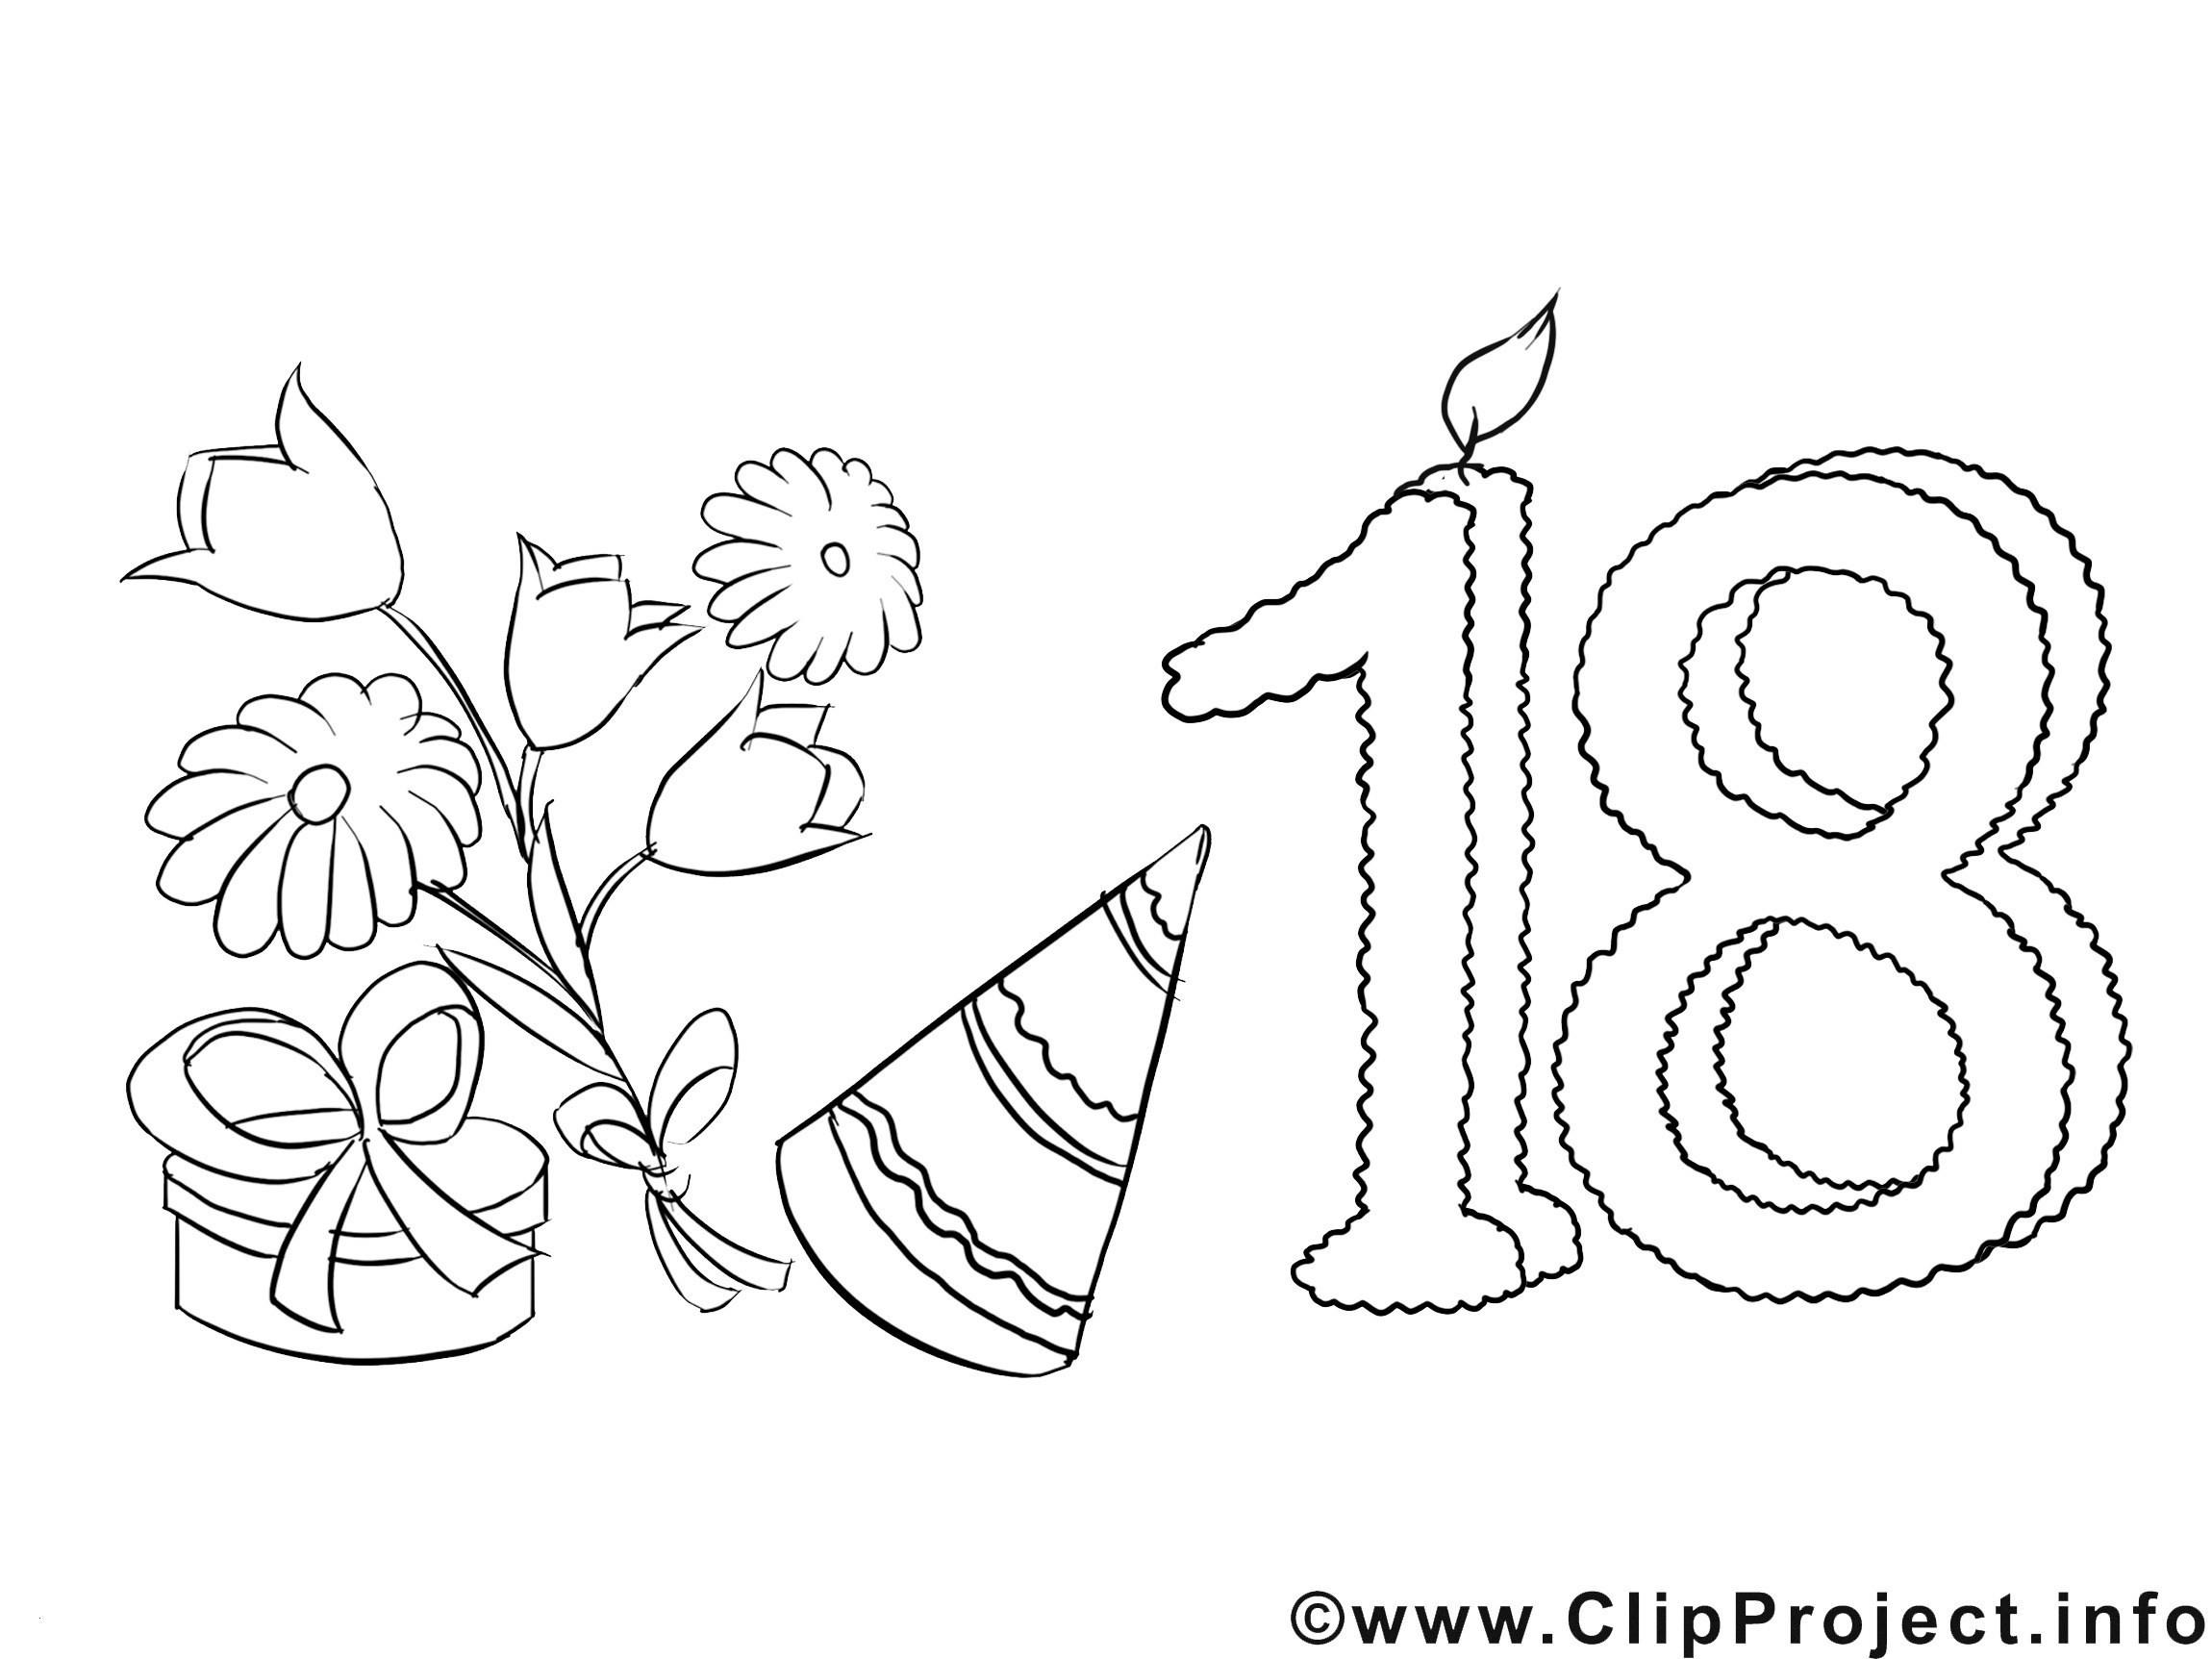 Maulwurf Bilder Zum Ausdrucken Neu Ausmalbilder Kleiner Maulwurf Schön 50 Luxus Ausmalbilder Mandala Stock